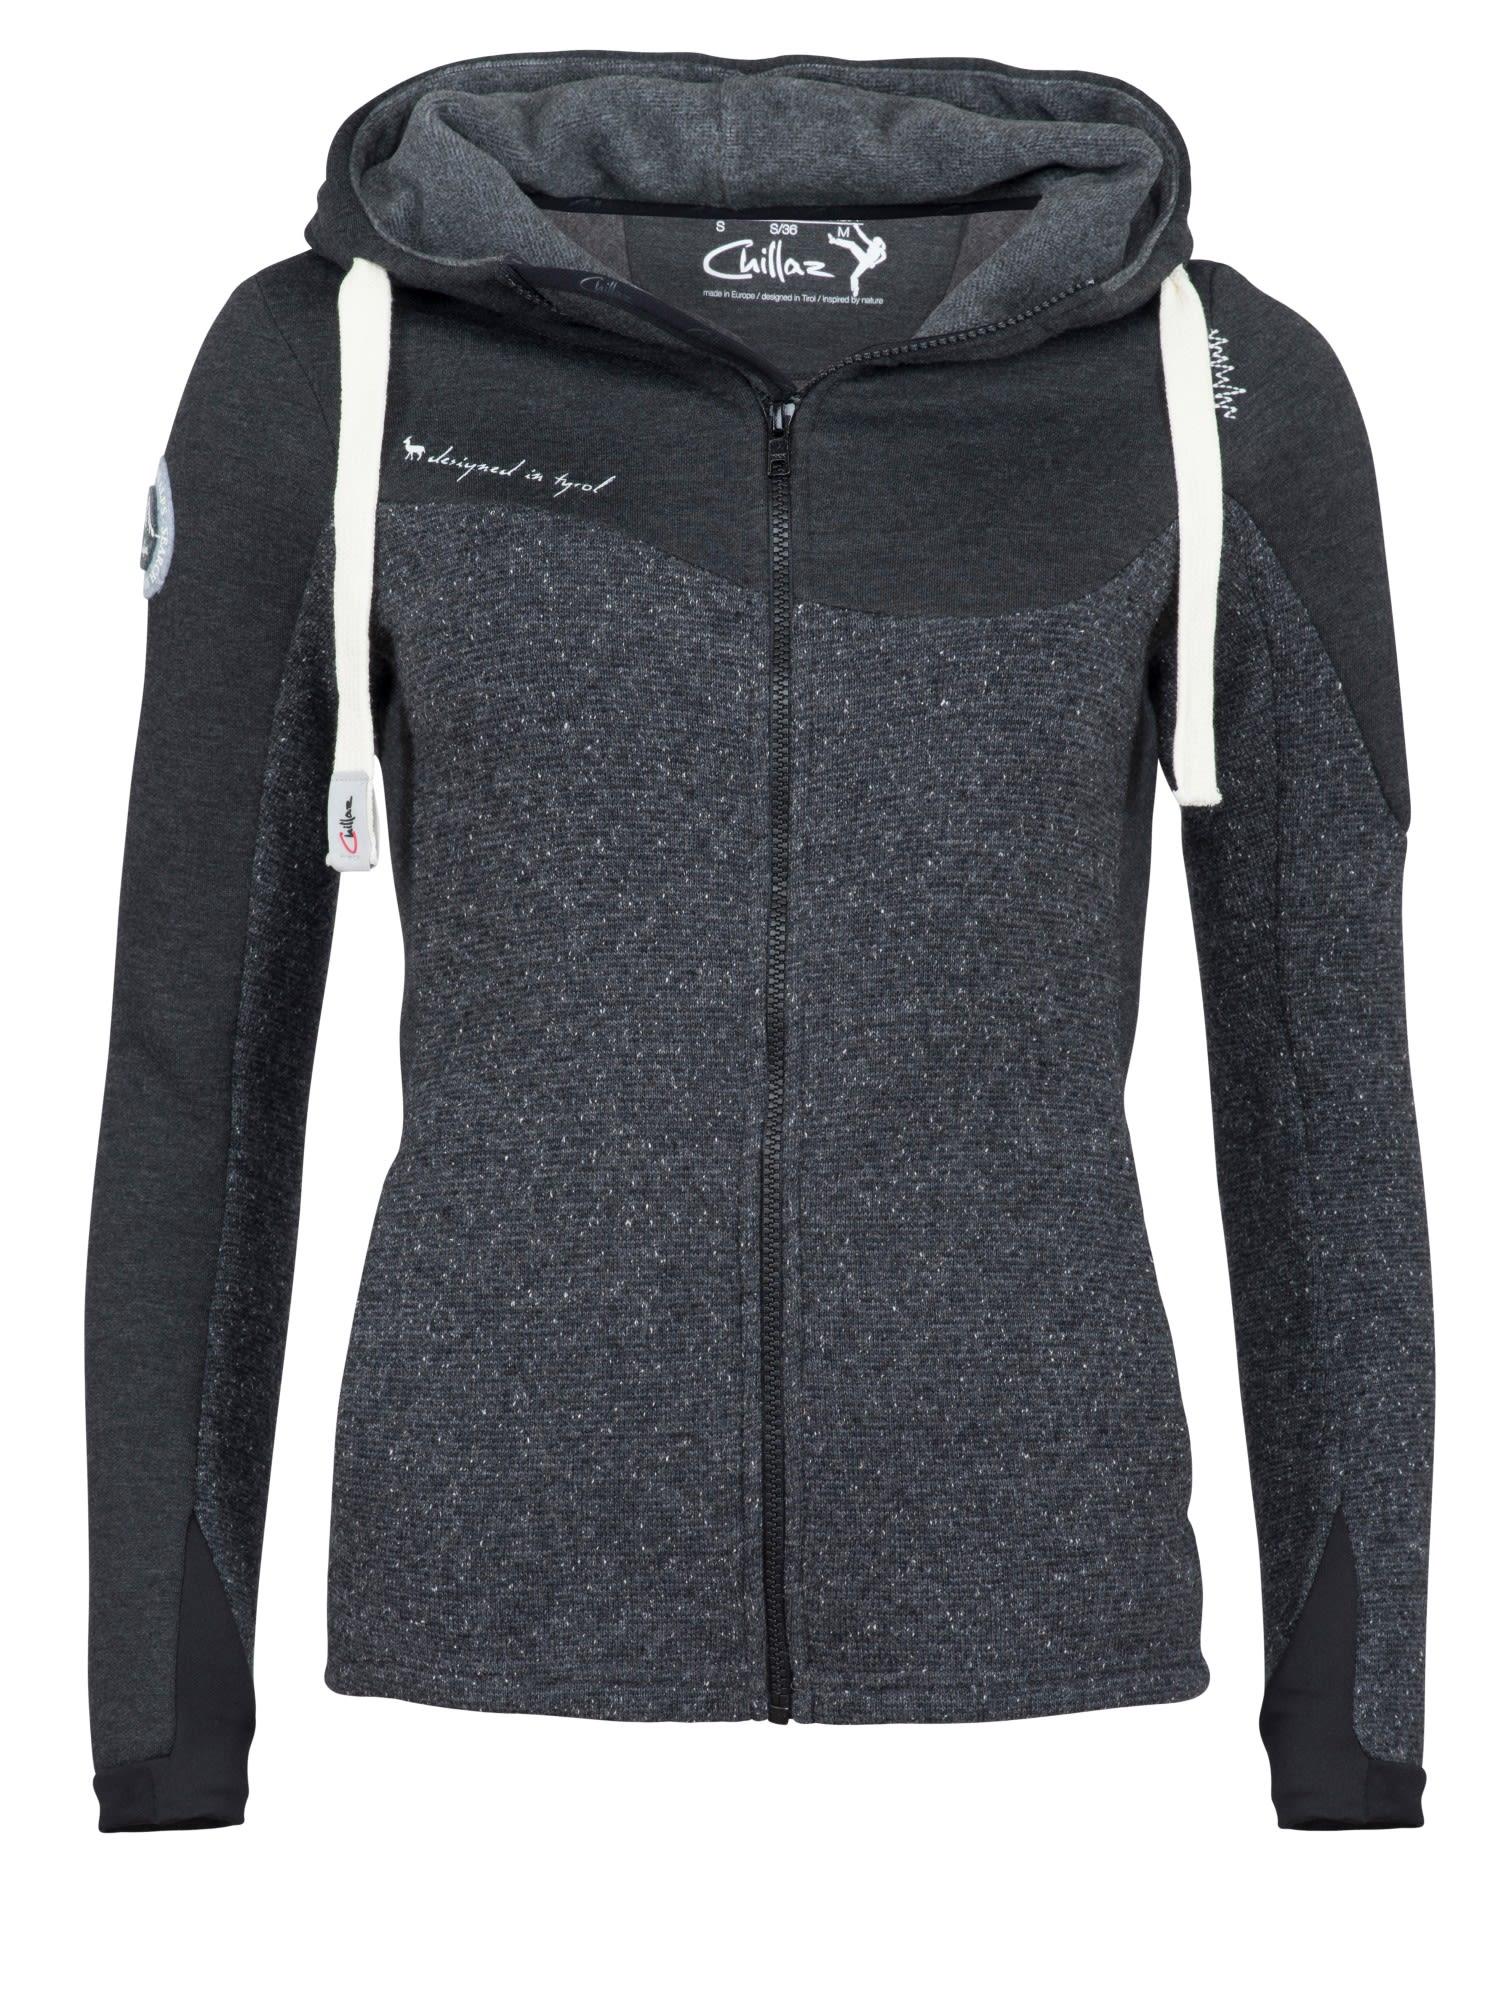 Chillaz Rock Jacket Grau, Female Freizeitjacke, 36